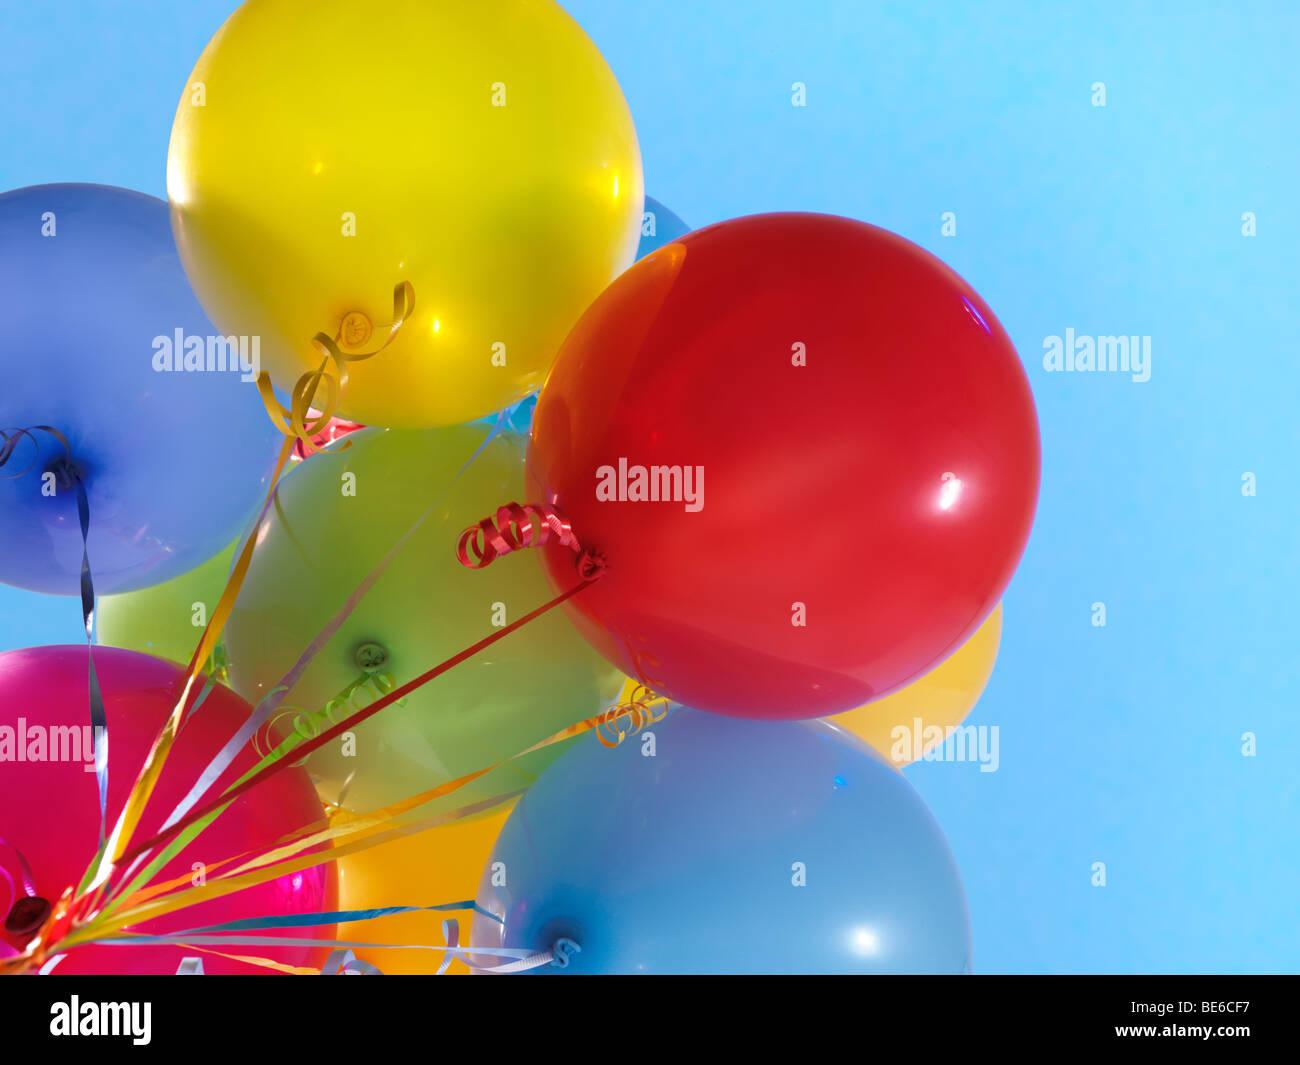 Los globos de aire colorido sobre fondo de cielo azul Imagen De Stock